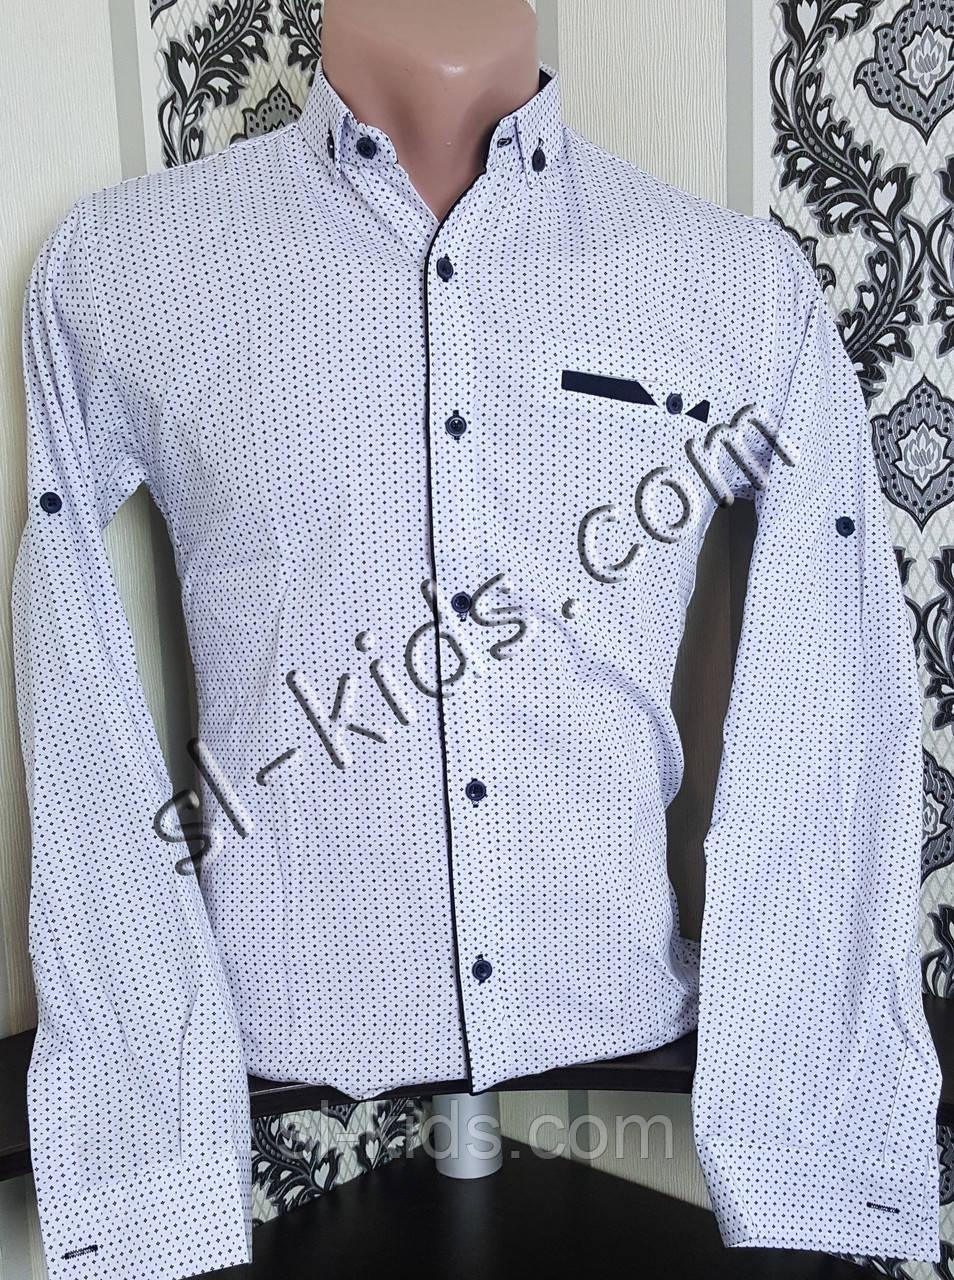 Стильная рубашка для мальчика 152-176 см(опт) (белая) (пр. Турция)